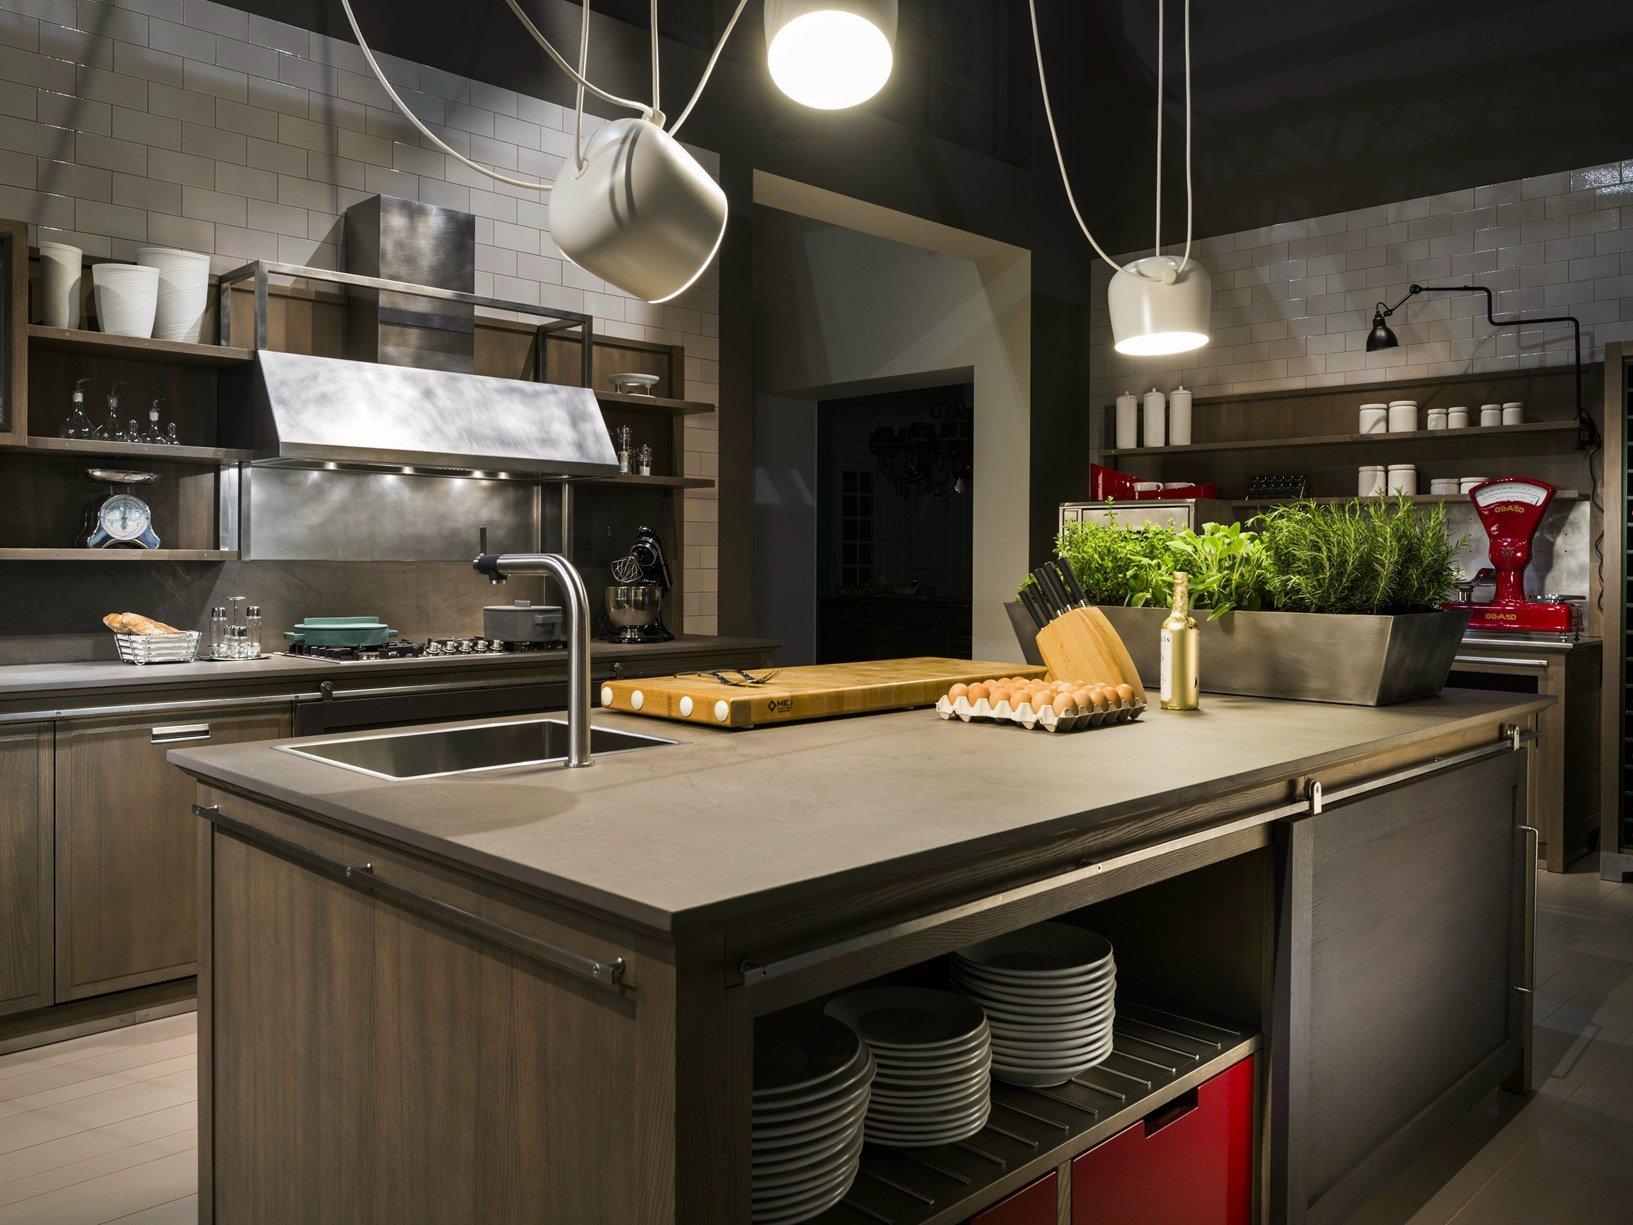 OTTOCENTO PORTA LO STILE POST INDUSTRIALE NELL'AMBIENTE CUCINA #8DA328 1633 1225 Arredo Cucina Stile Industriale